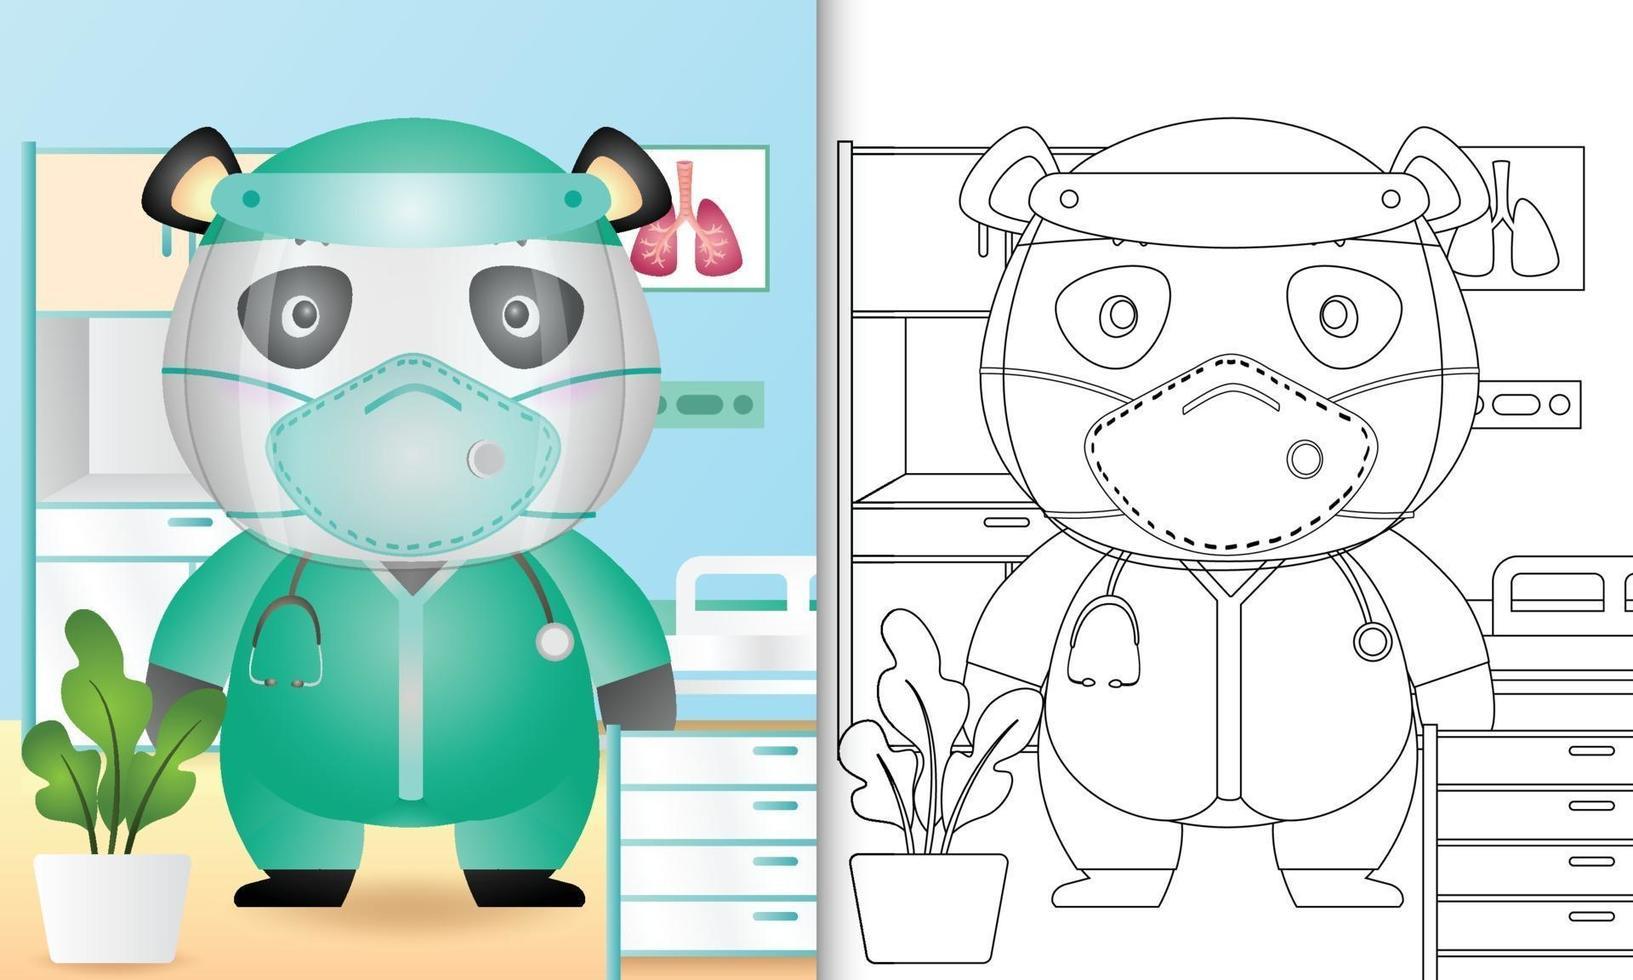 livre de coloriage pour les enfants avec une illustration de personnage de panda mignon vecteur